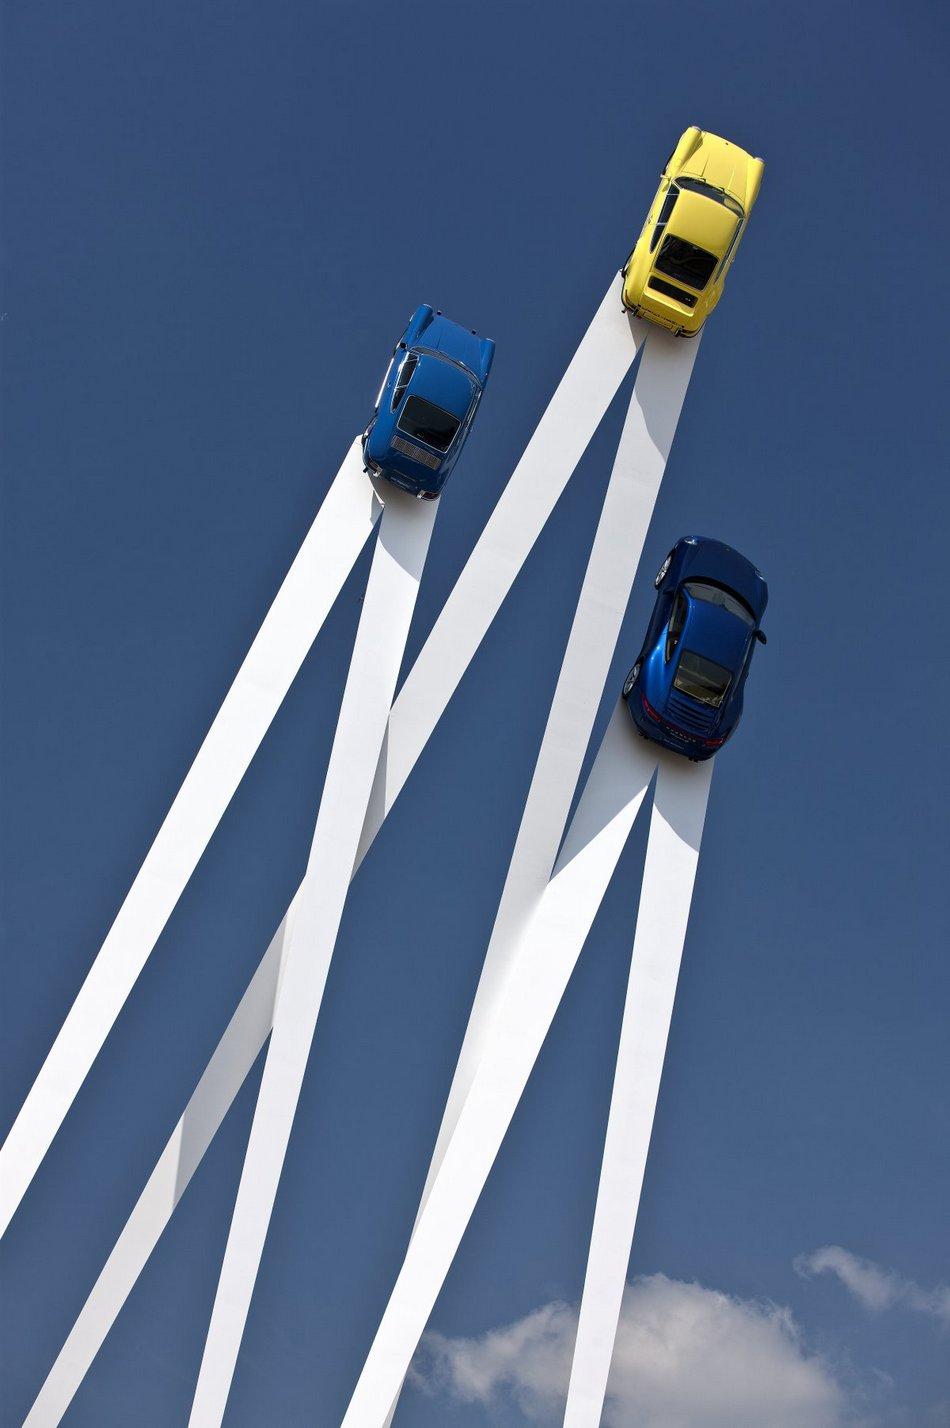 Впечатляющая скульптура в честь 50-летия Porsche 911